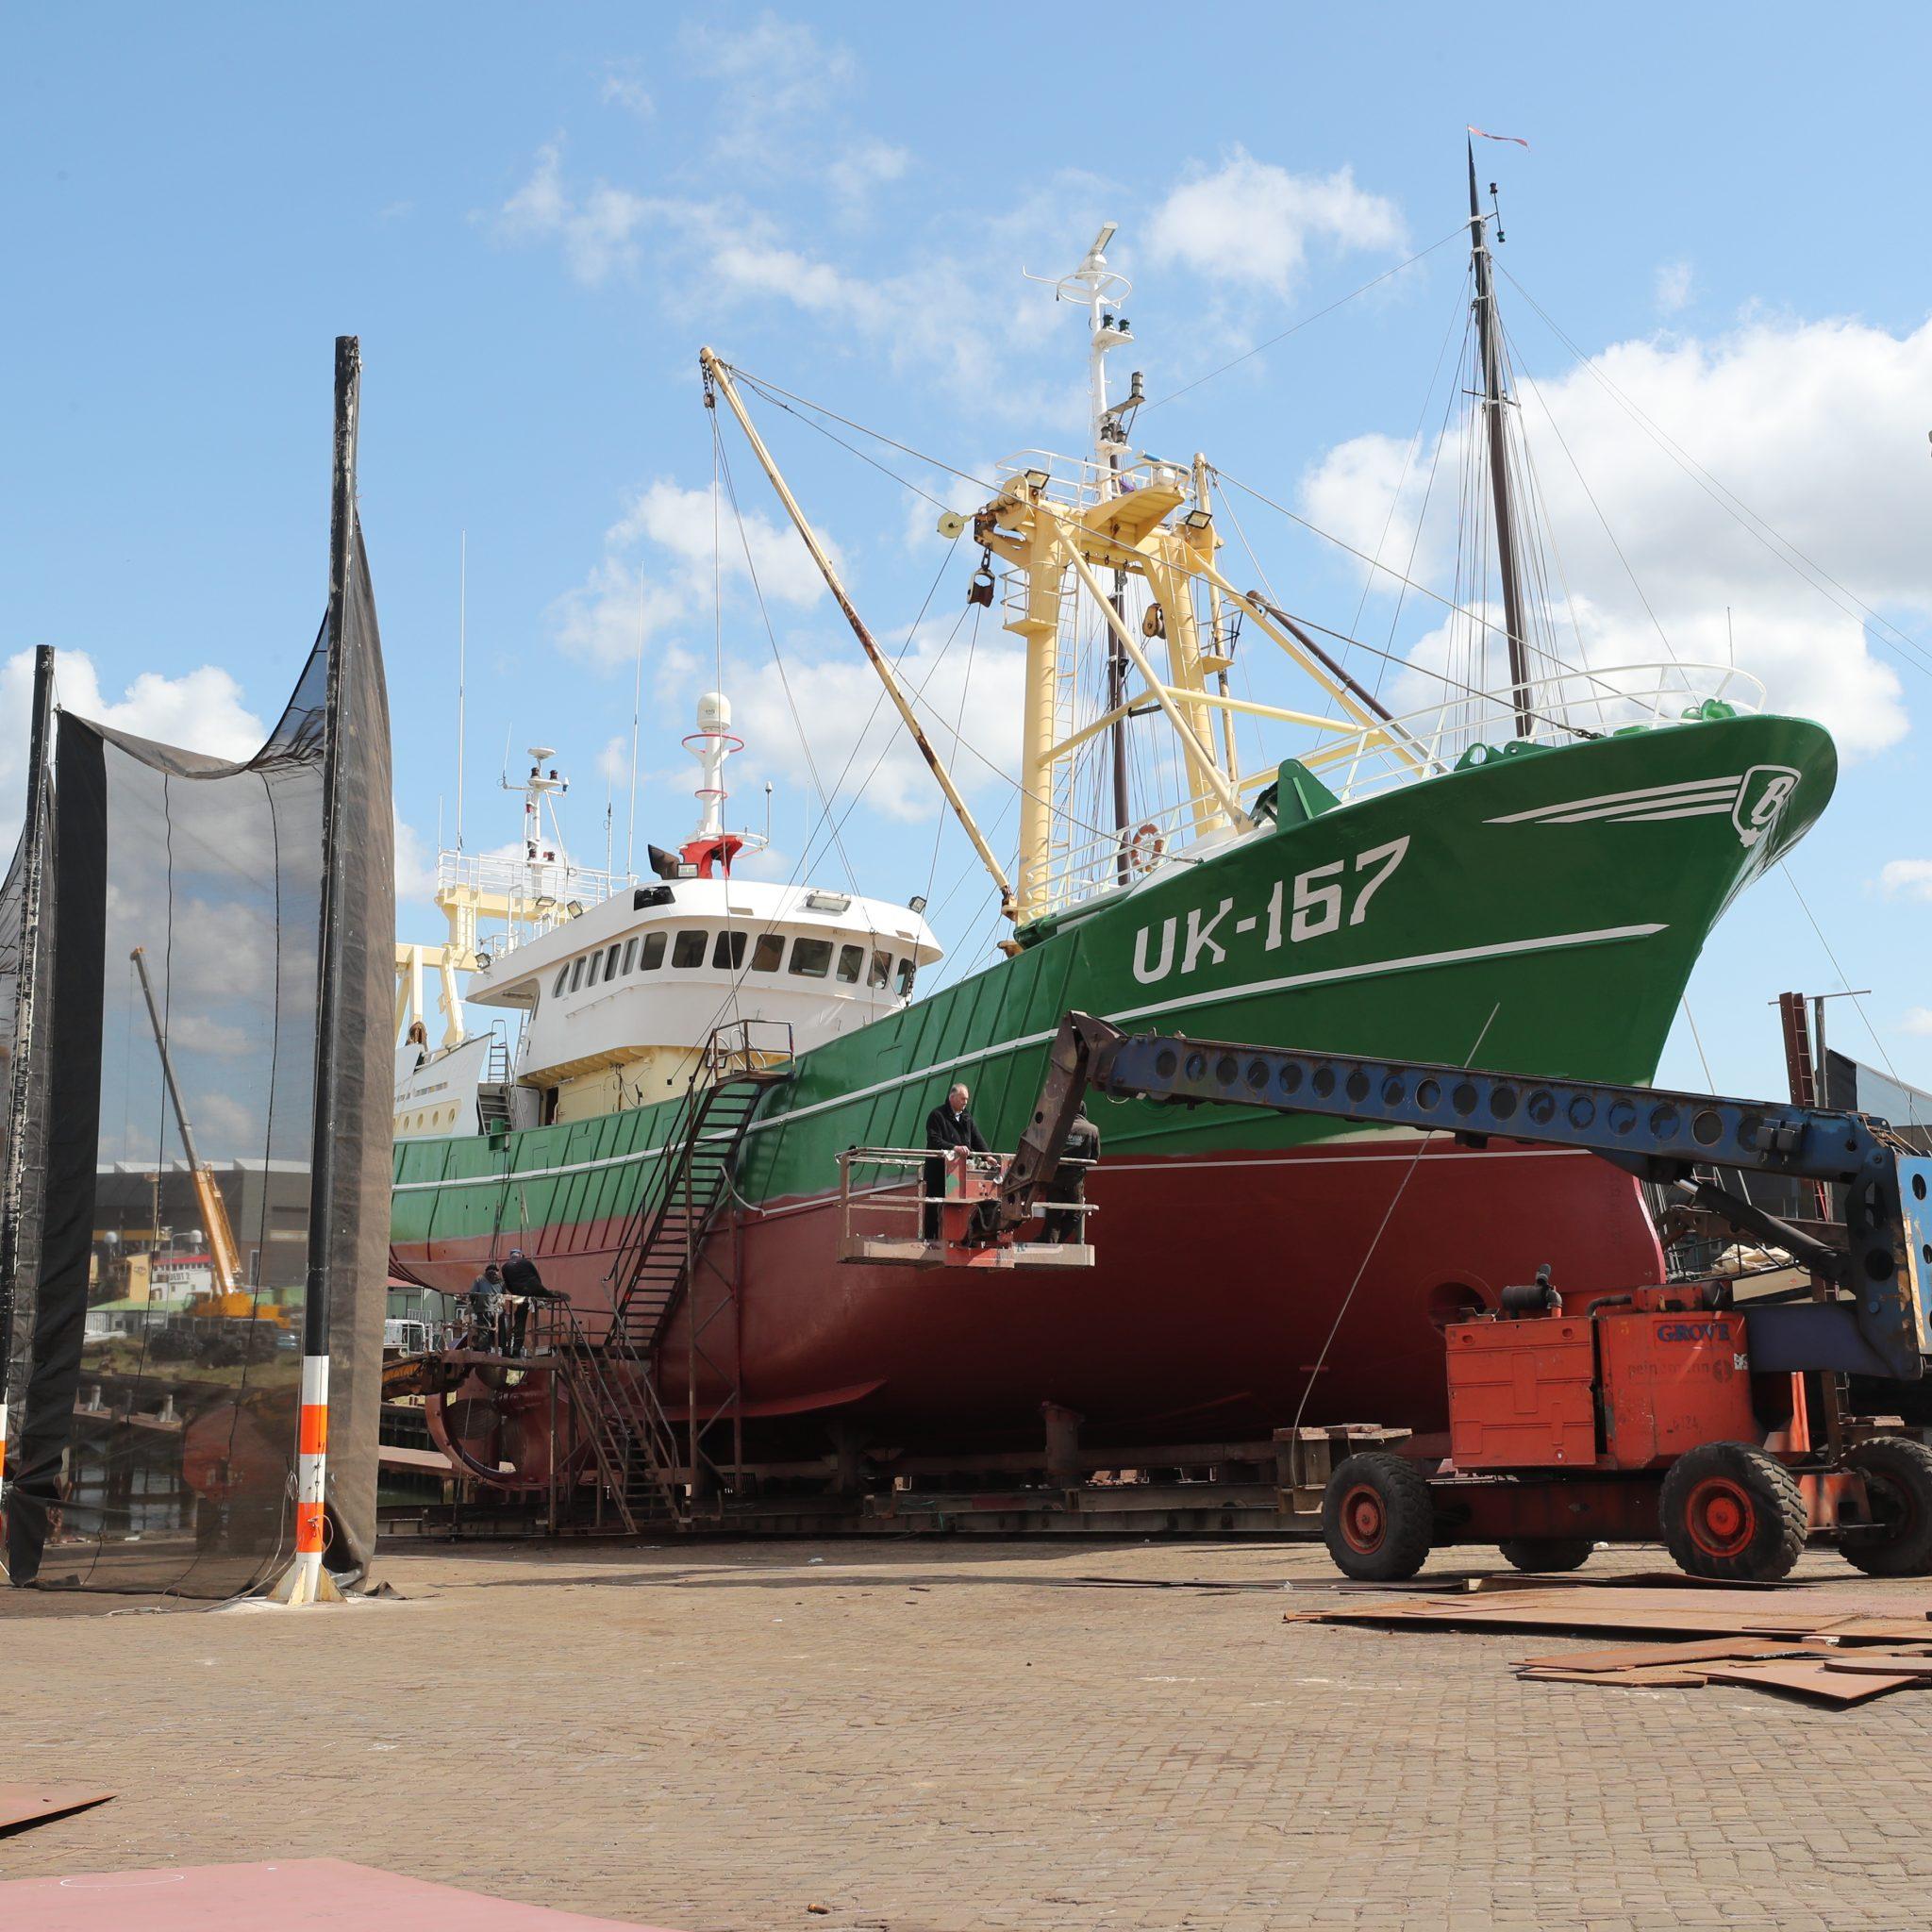 De UK-157 op de werf van Van Laar in IJmuiden. (Foto Bram Pronk)